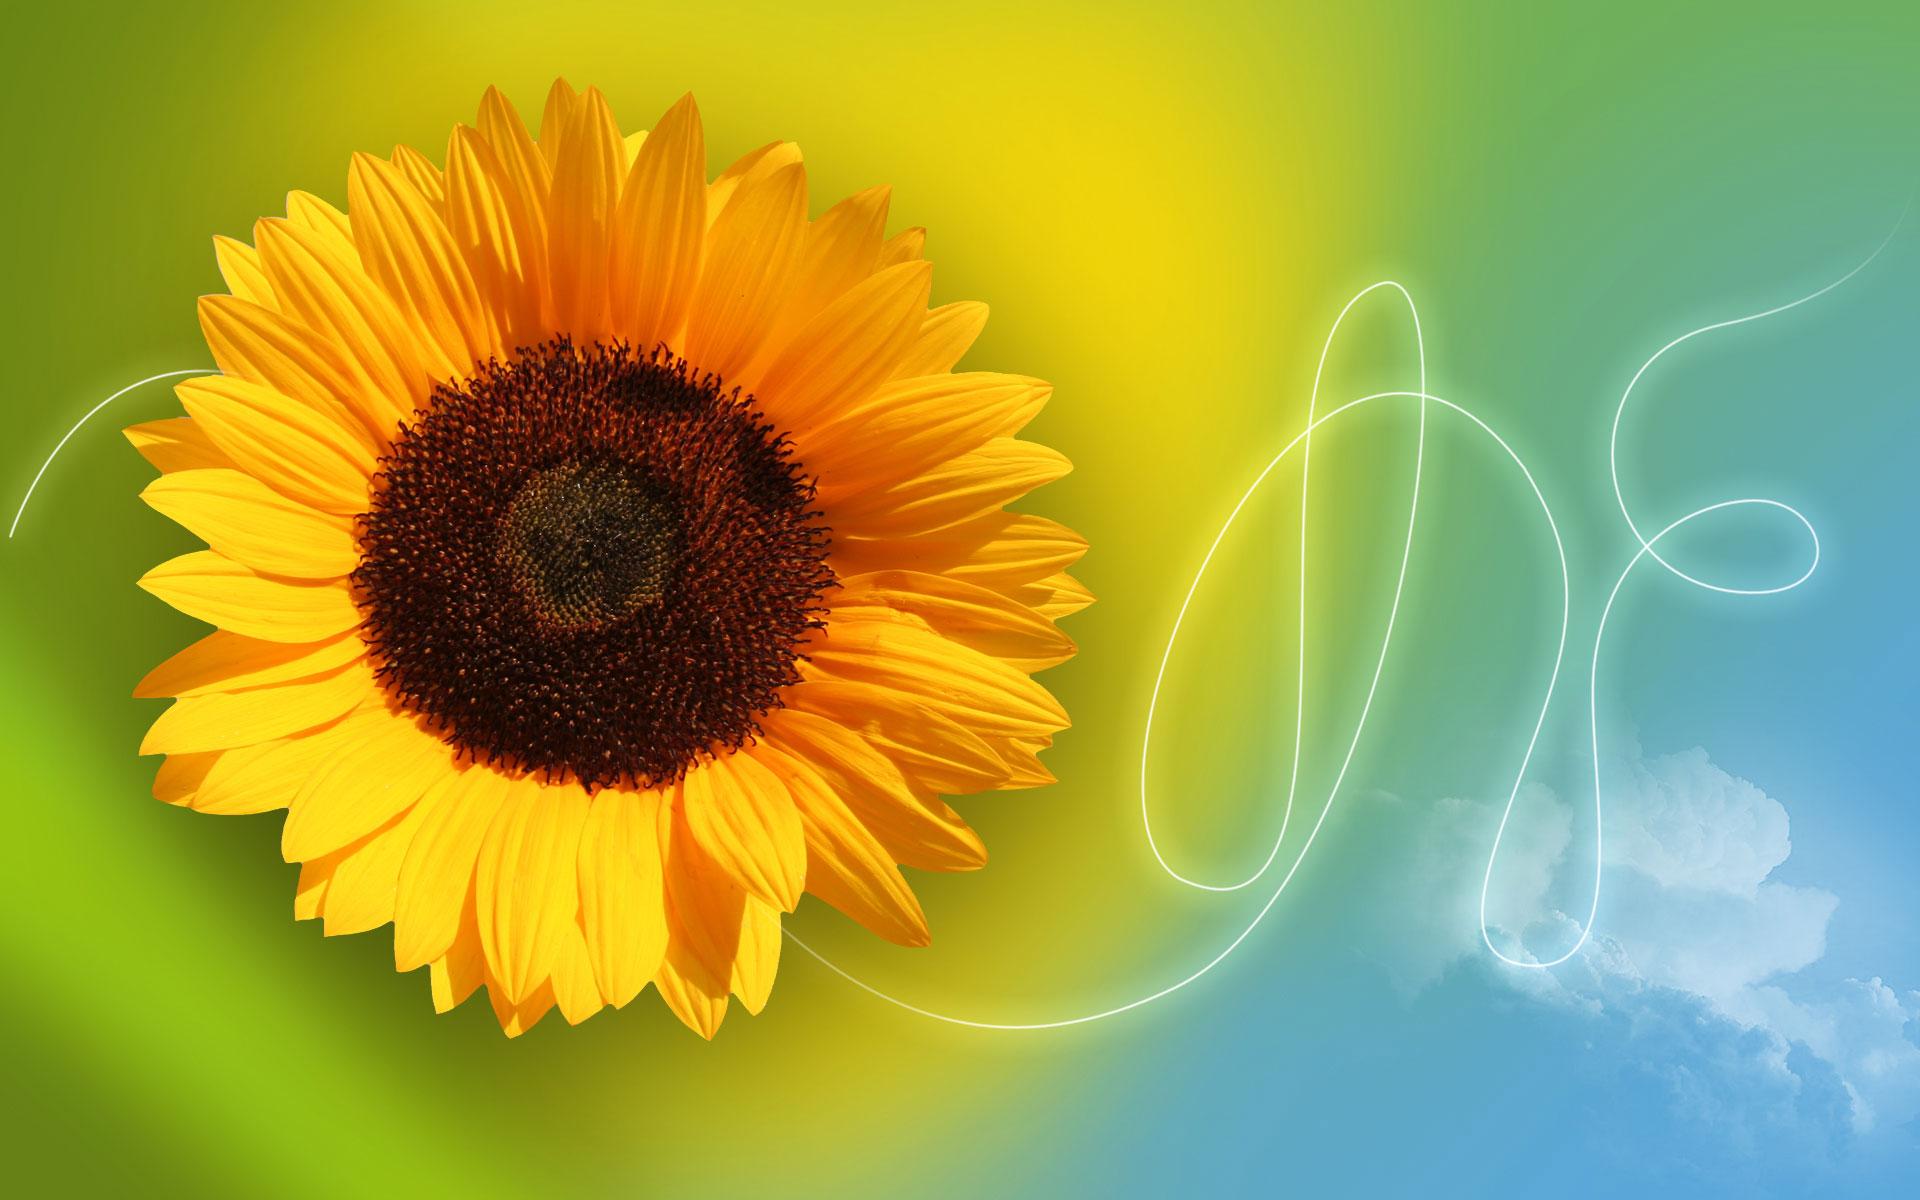 Sunflower Wallpaper Photoshop Tutorials Designstacks